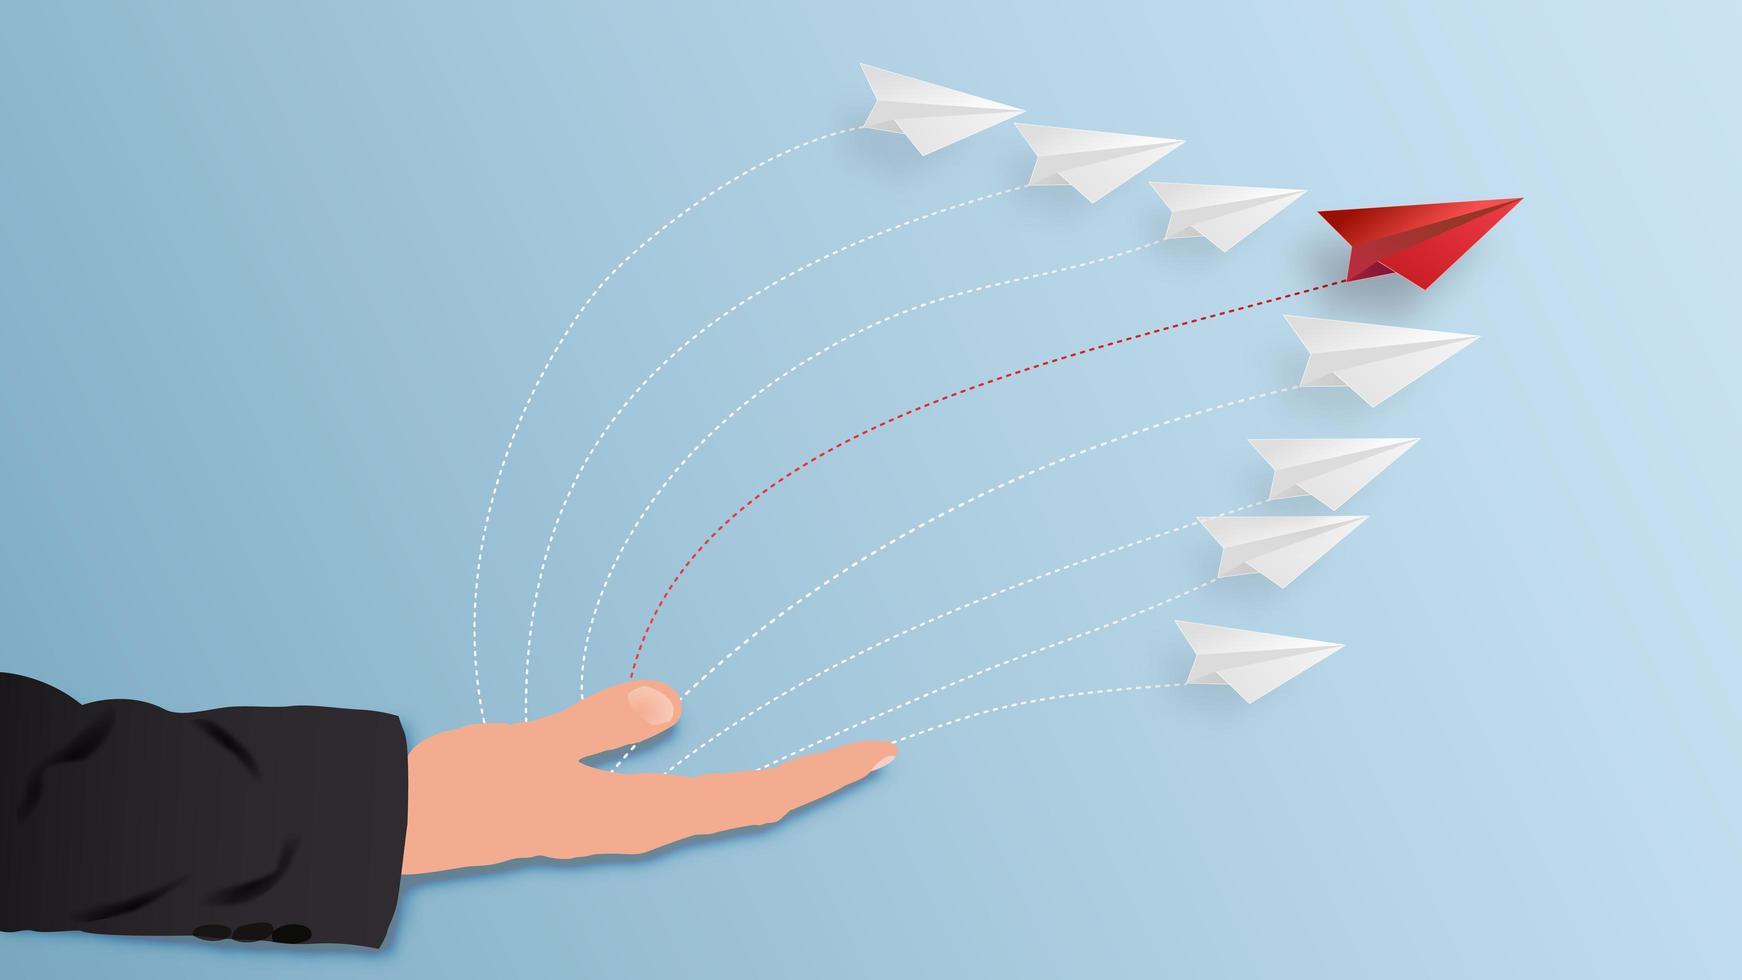 aeroplano di carta che vola dalla mano dell'uomo d'affari come concetto di soluzione aziendale. vettore